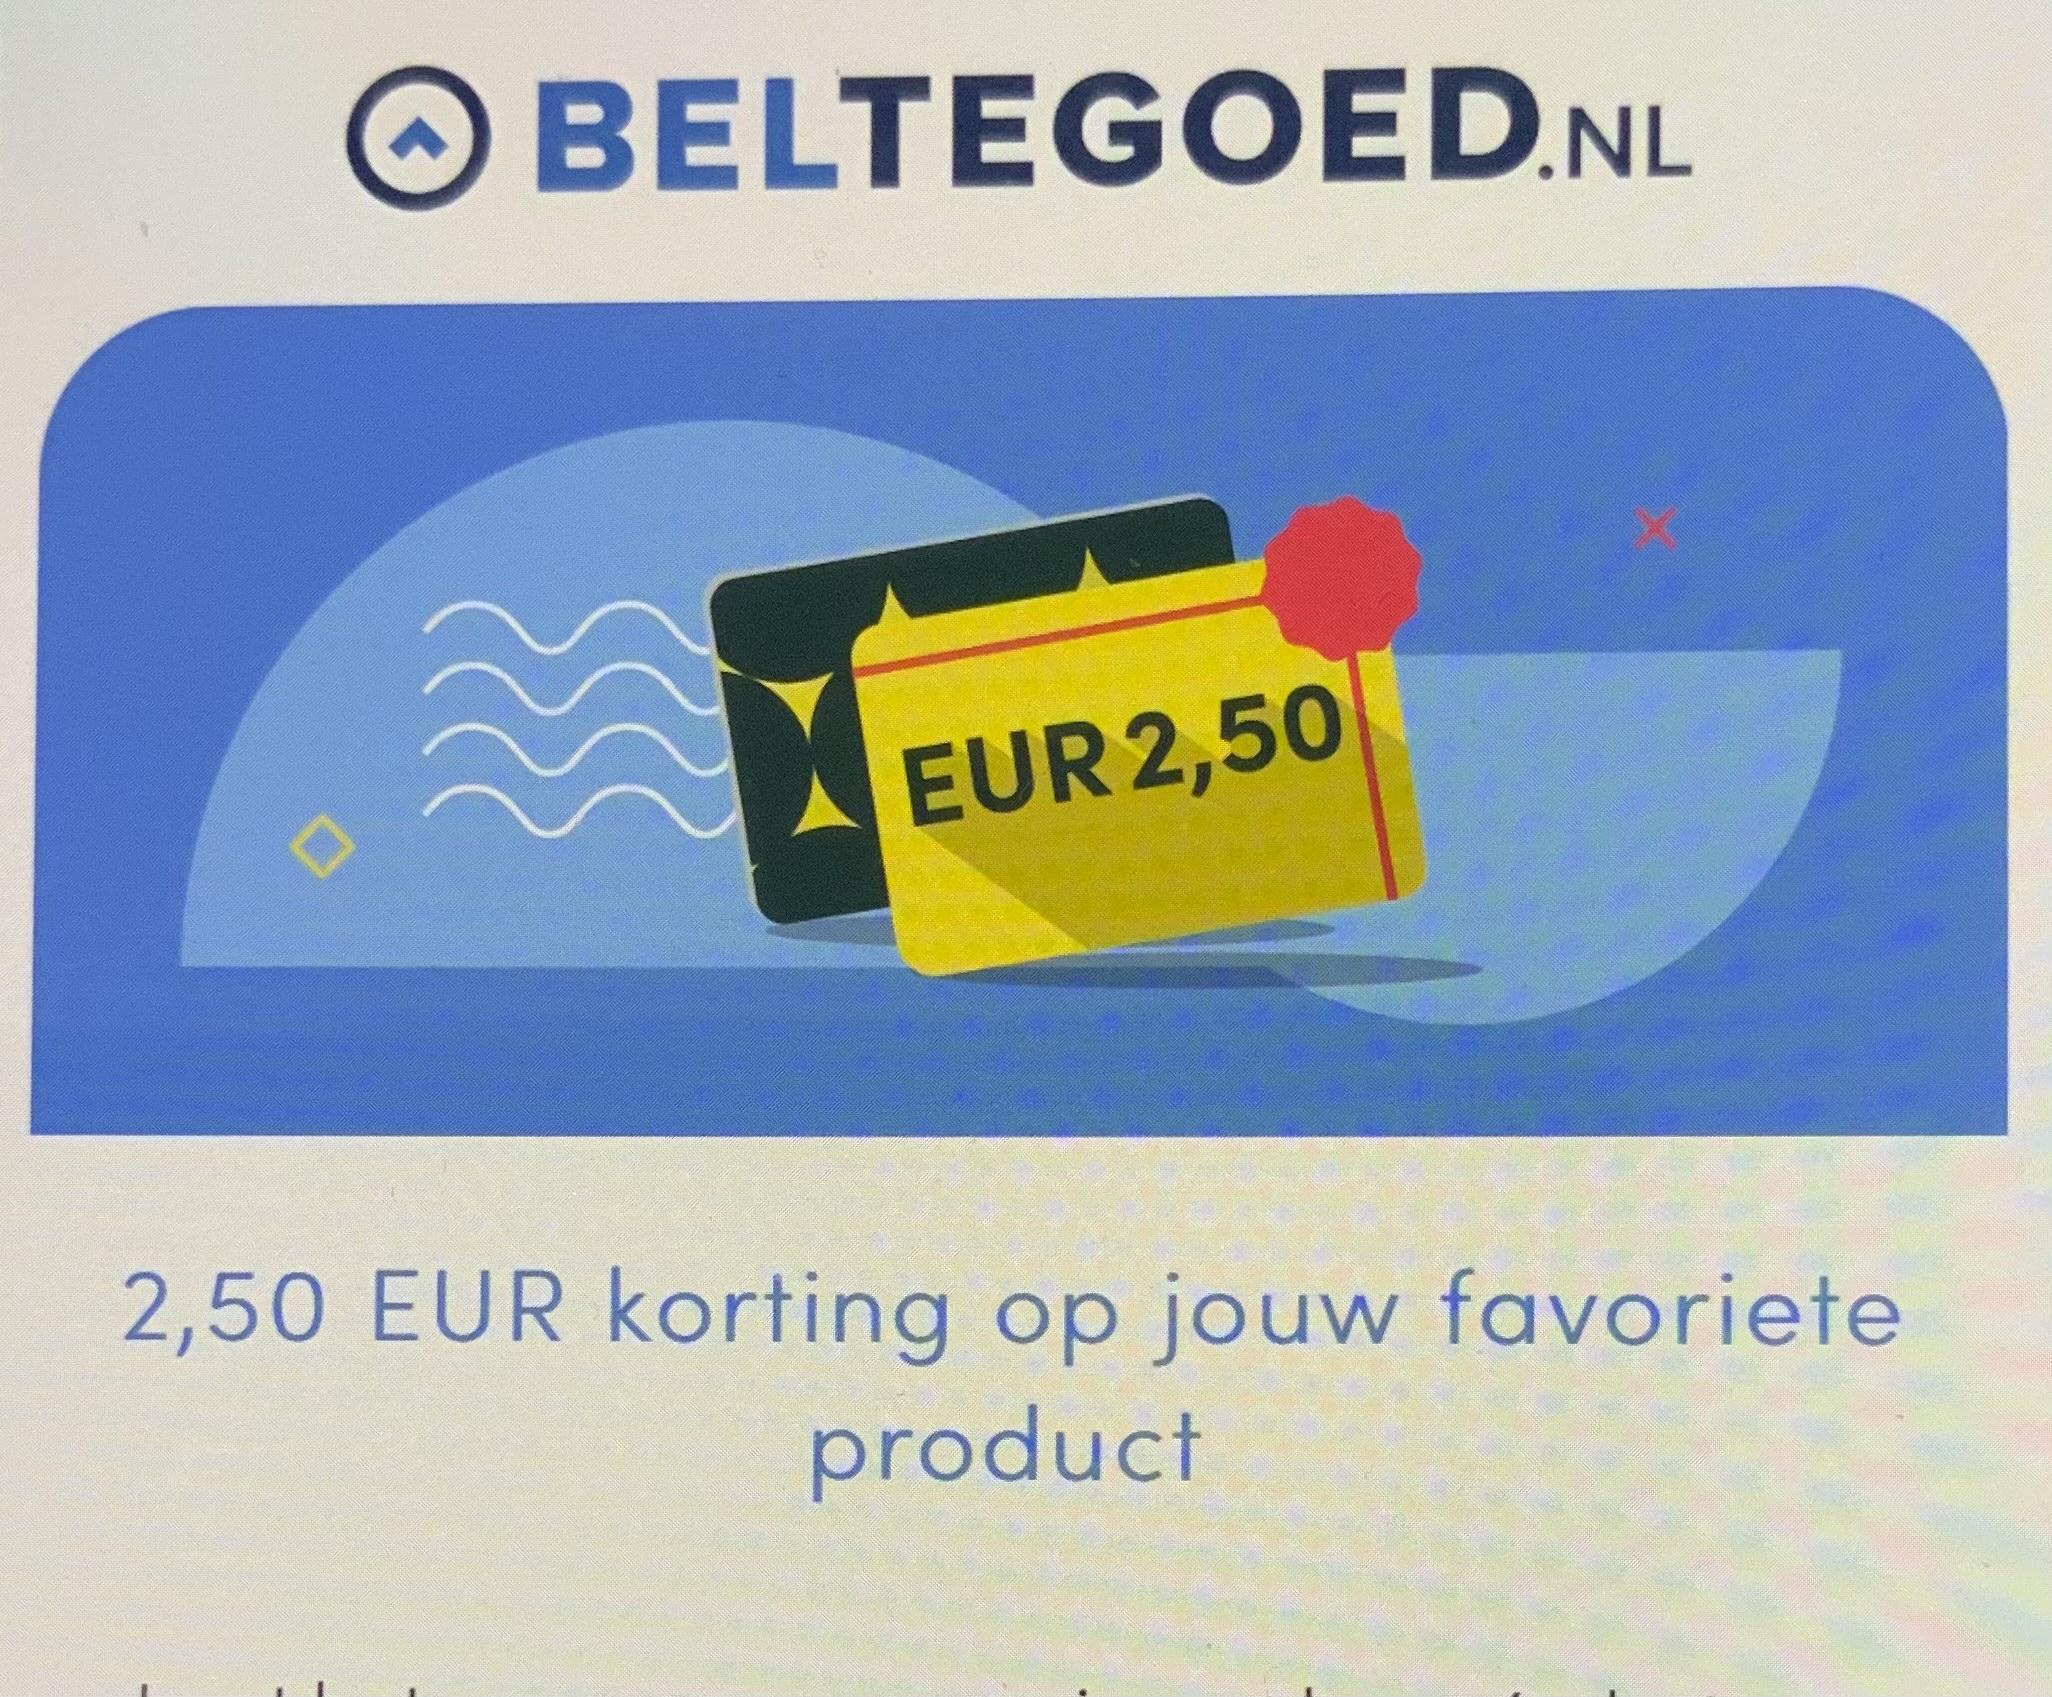 2,50 EUR korting op alles bij beltegoed.nl